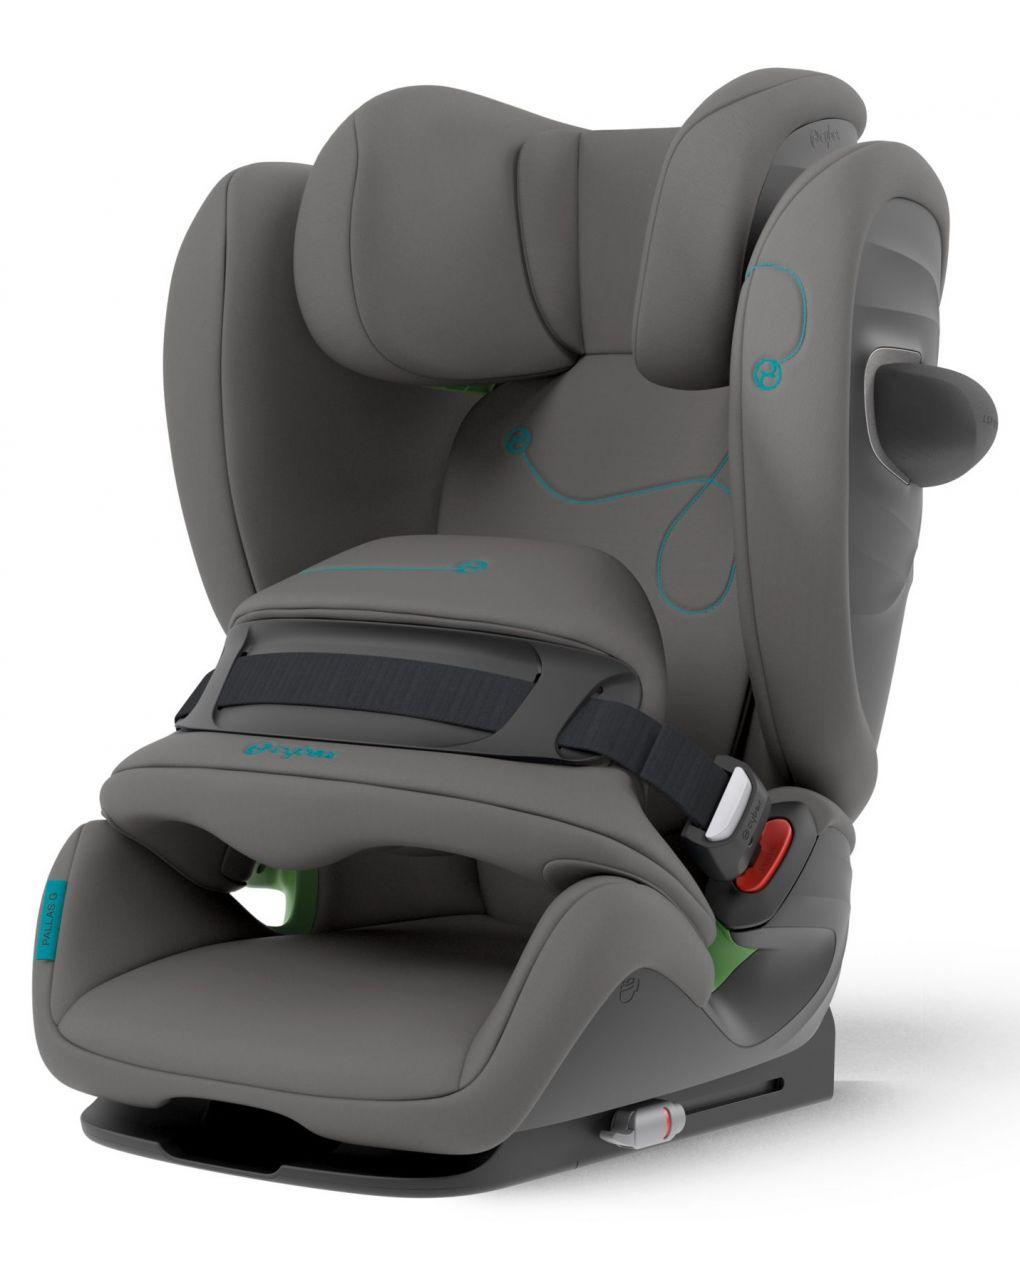 Cybex Κάθισμα Αυτοκινήτου Pallas G I-Size - Γκρι